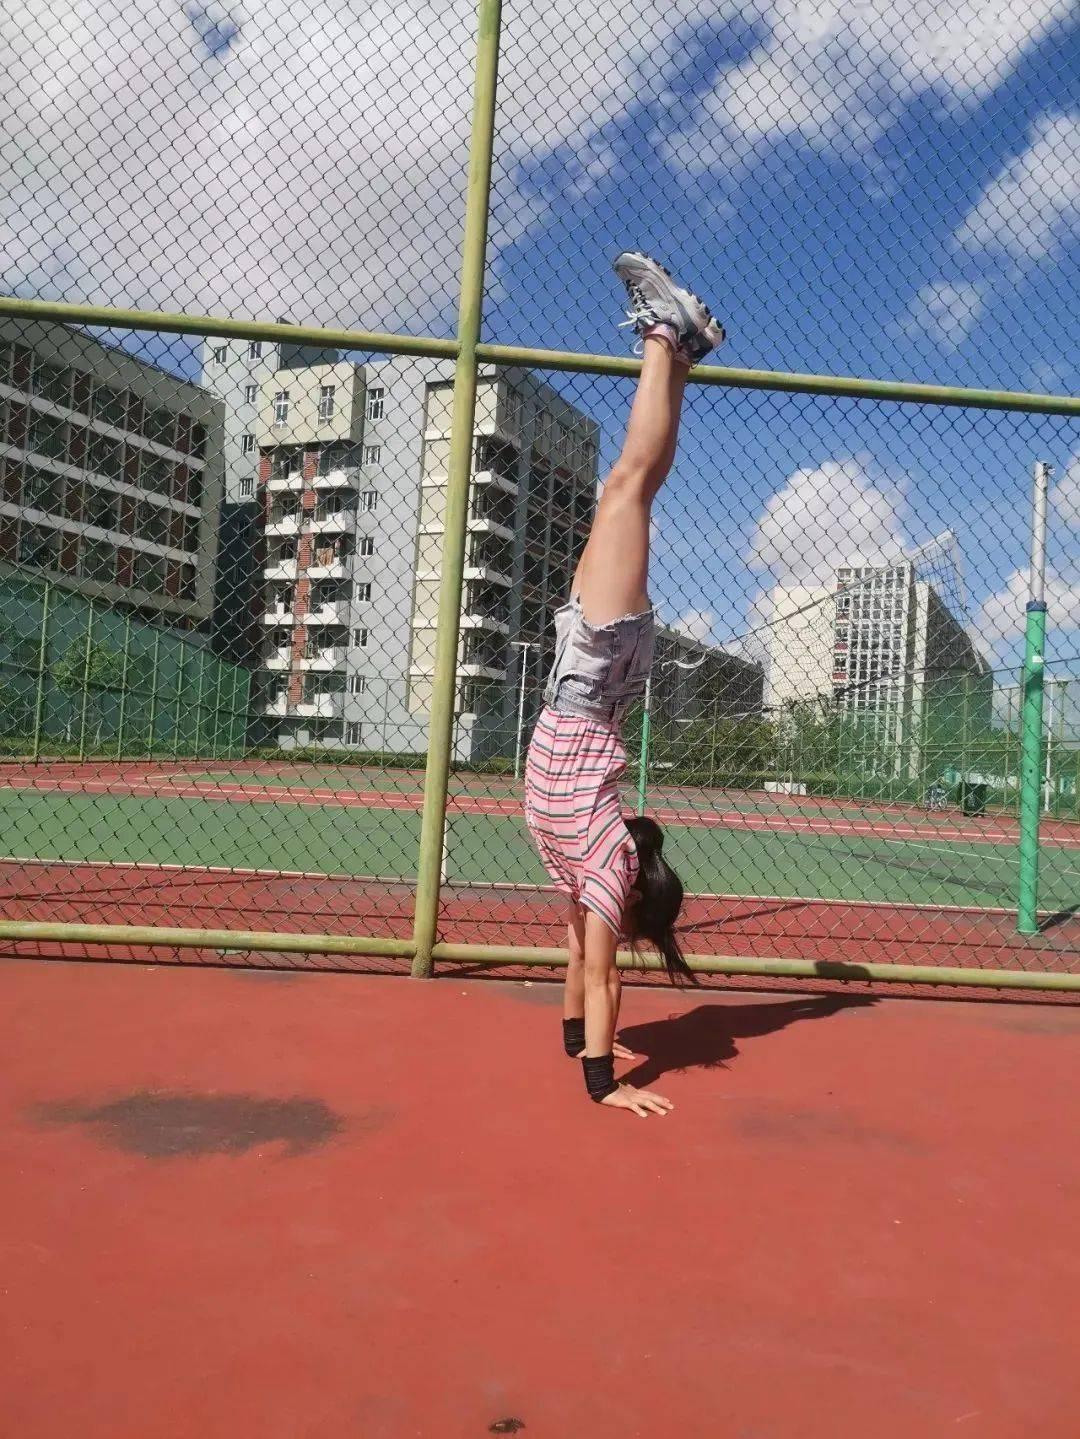 21岁宁大女学生宿舍练出8块腹肌后,竟打败沈腾征服杨幂,还引3.4亿人围观!